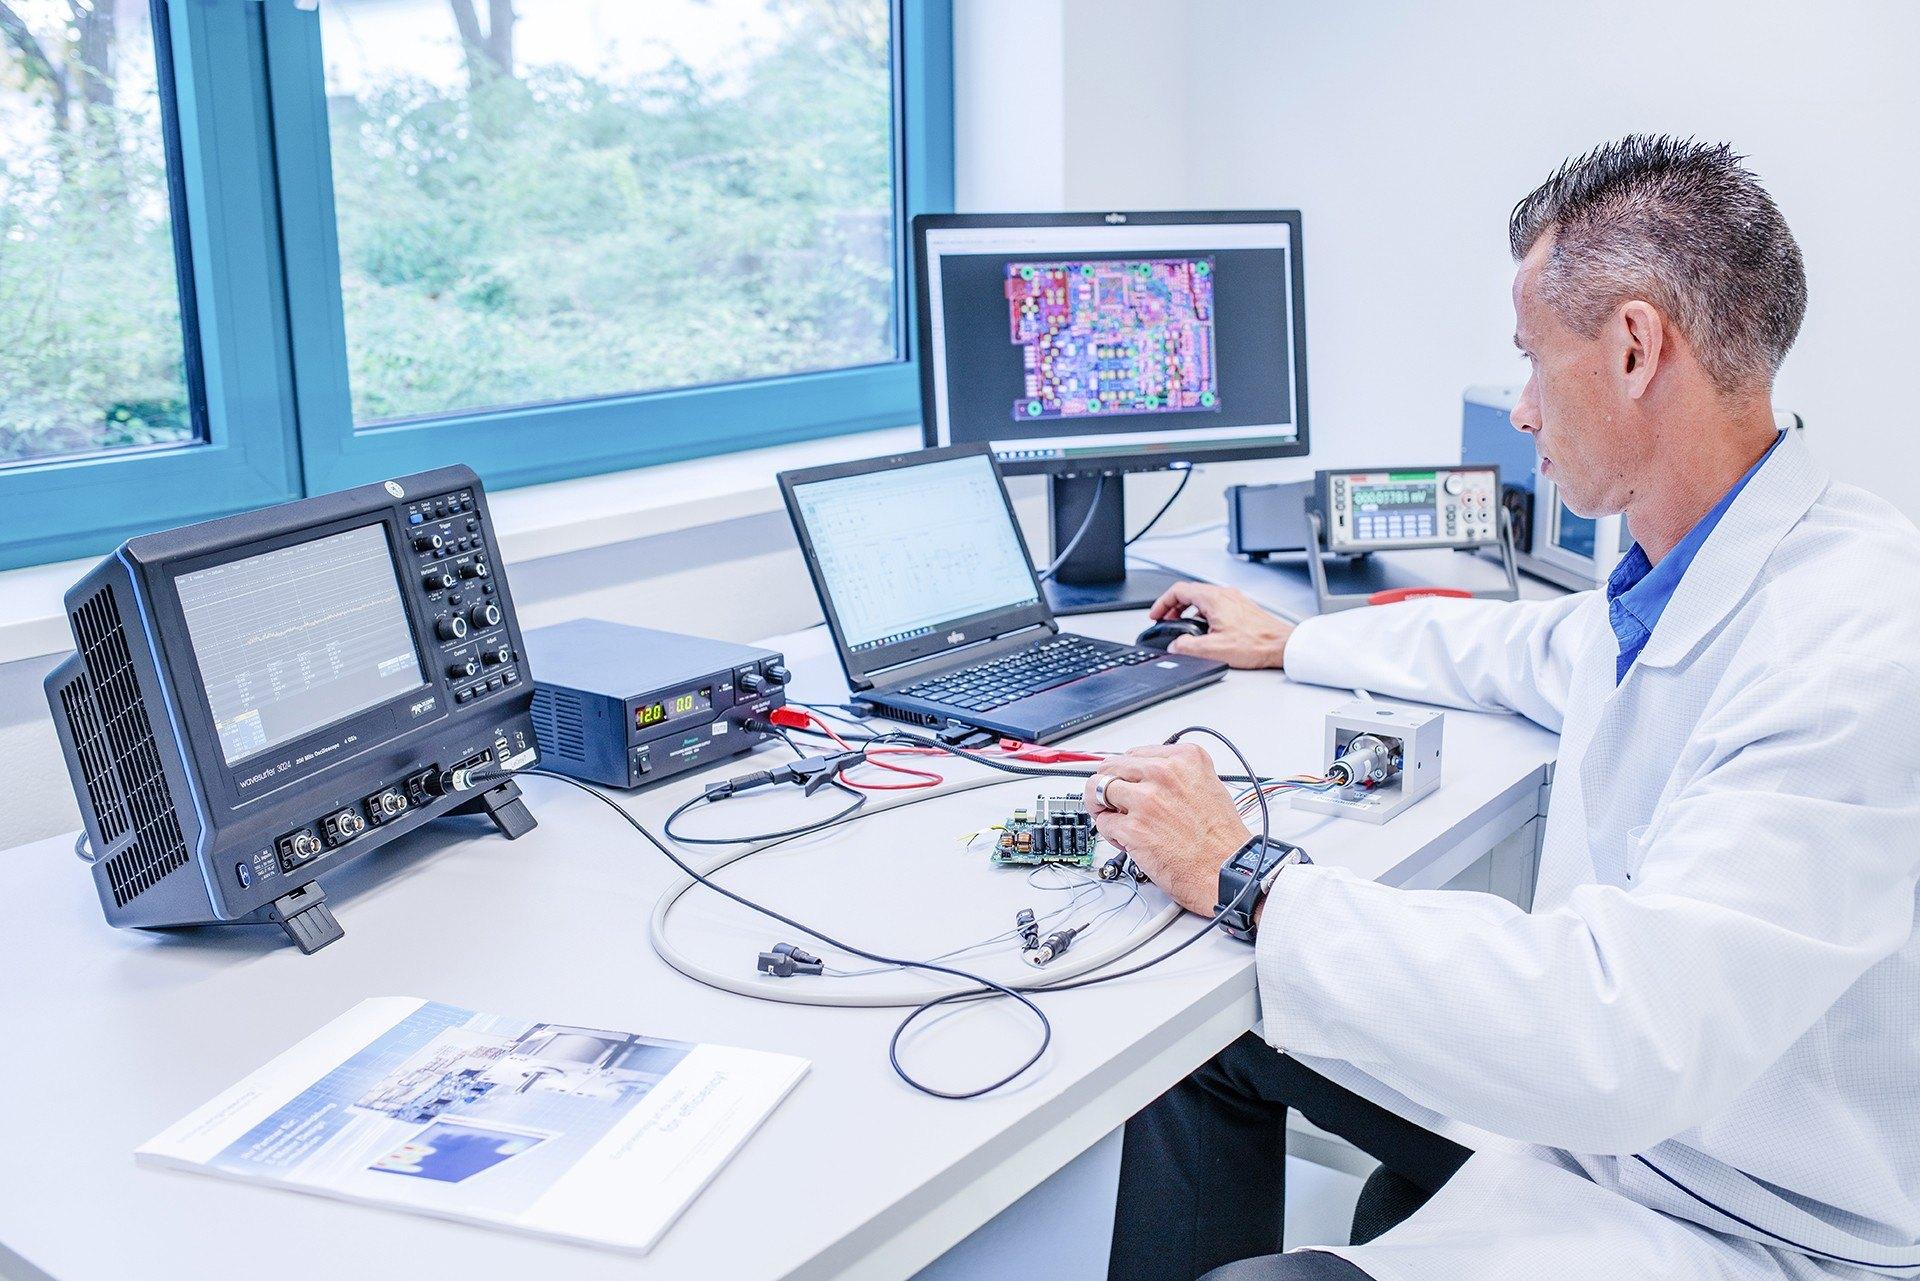 Ein Mann sitzt am Schreibtisch und kontrolliert ein hergestelltes Elektronikprodukt